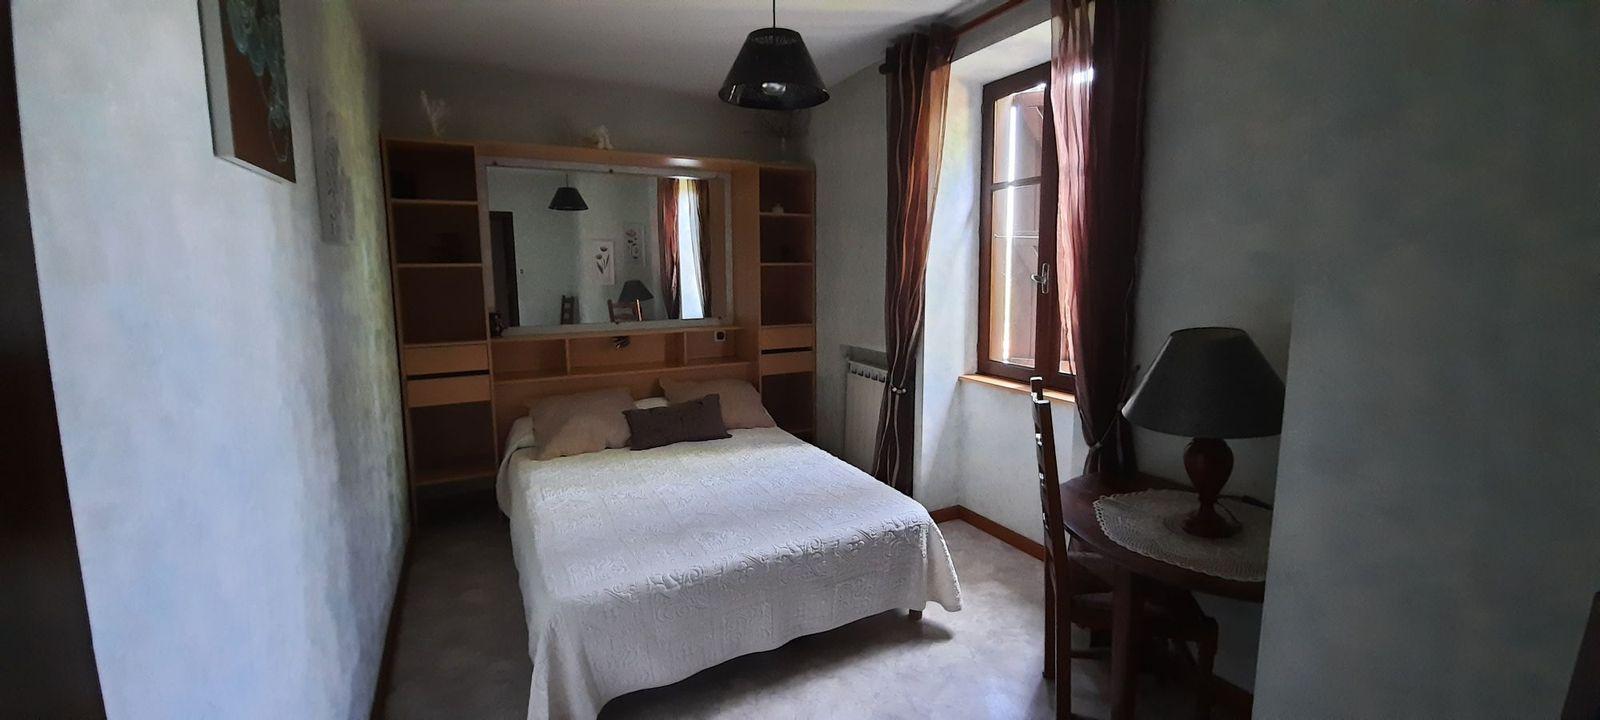 Chambre 2 ; lit en 140